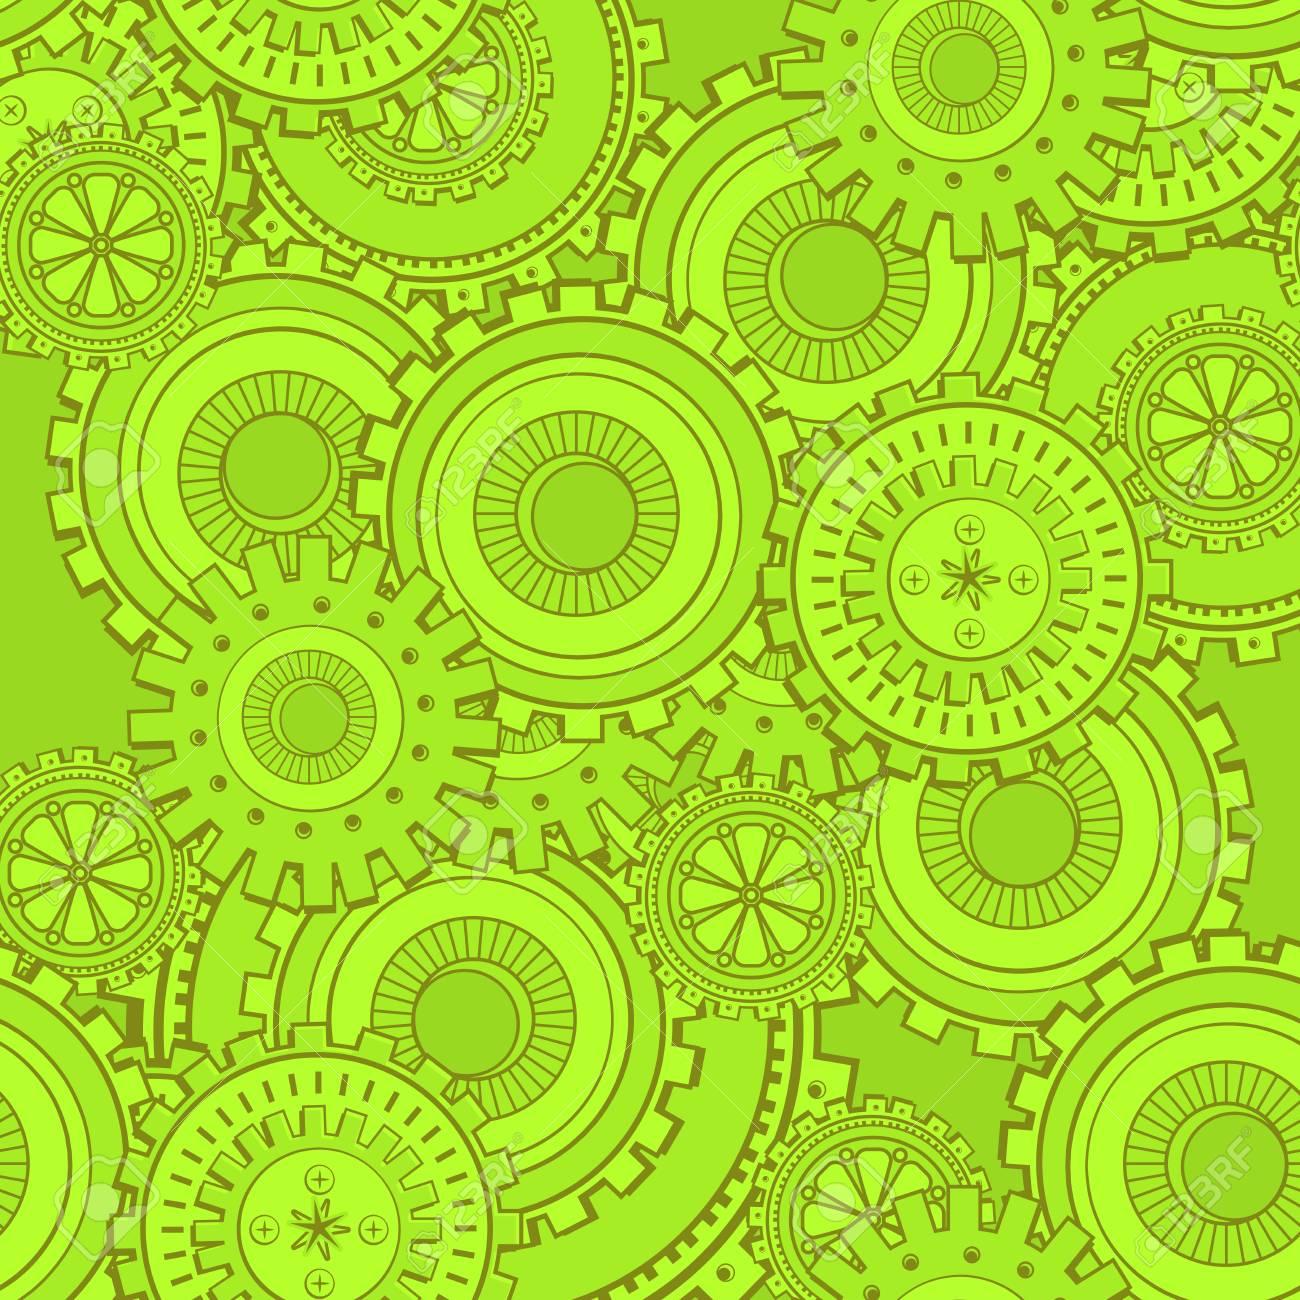 Toile De Fond De La Technologie Des Pignons En Fer Vert Papier